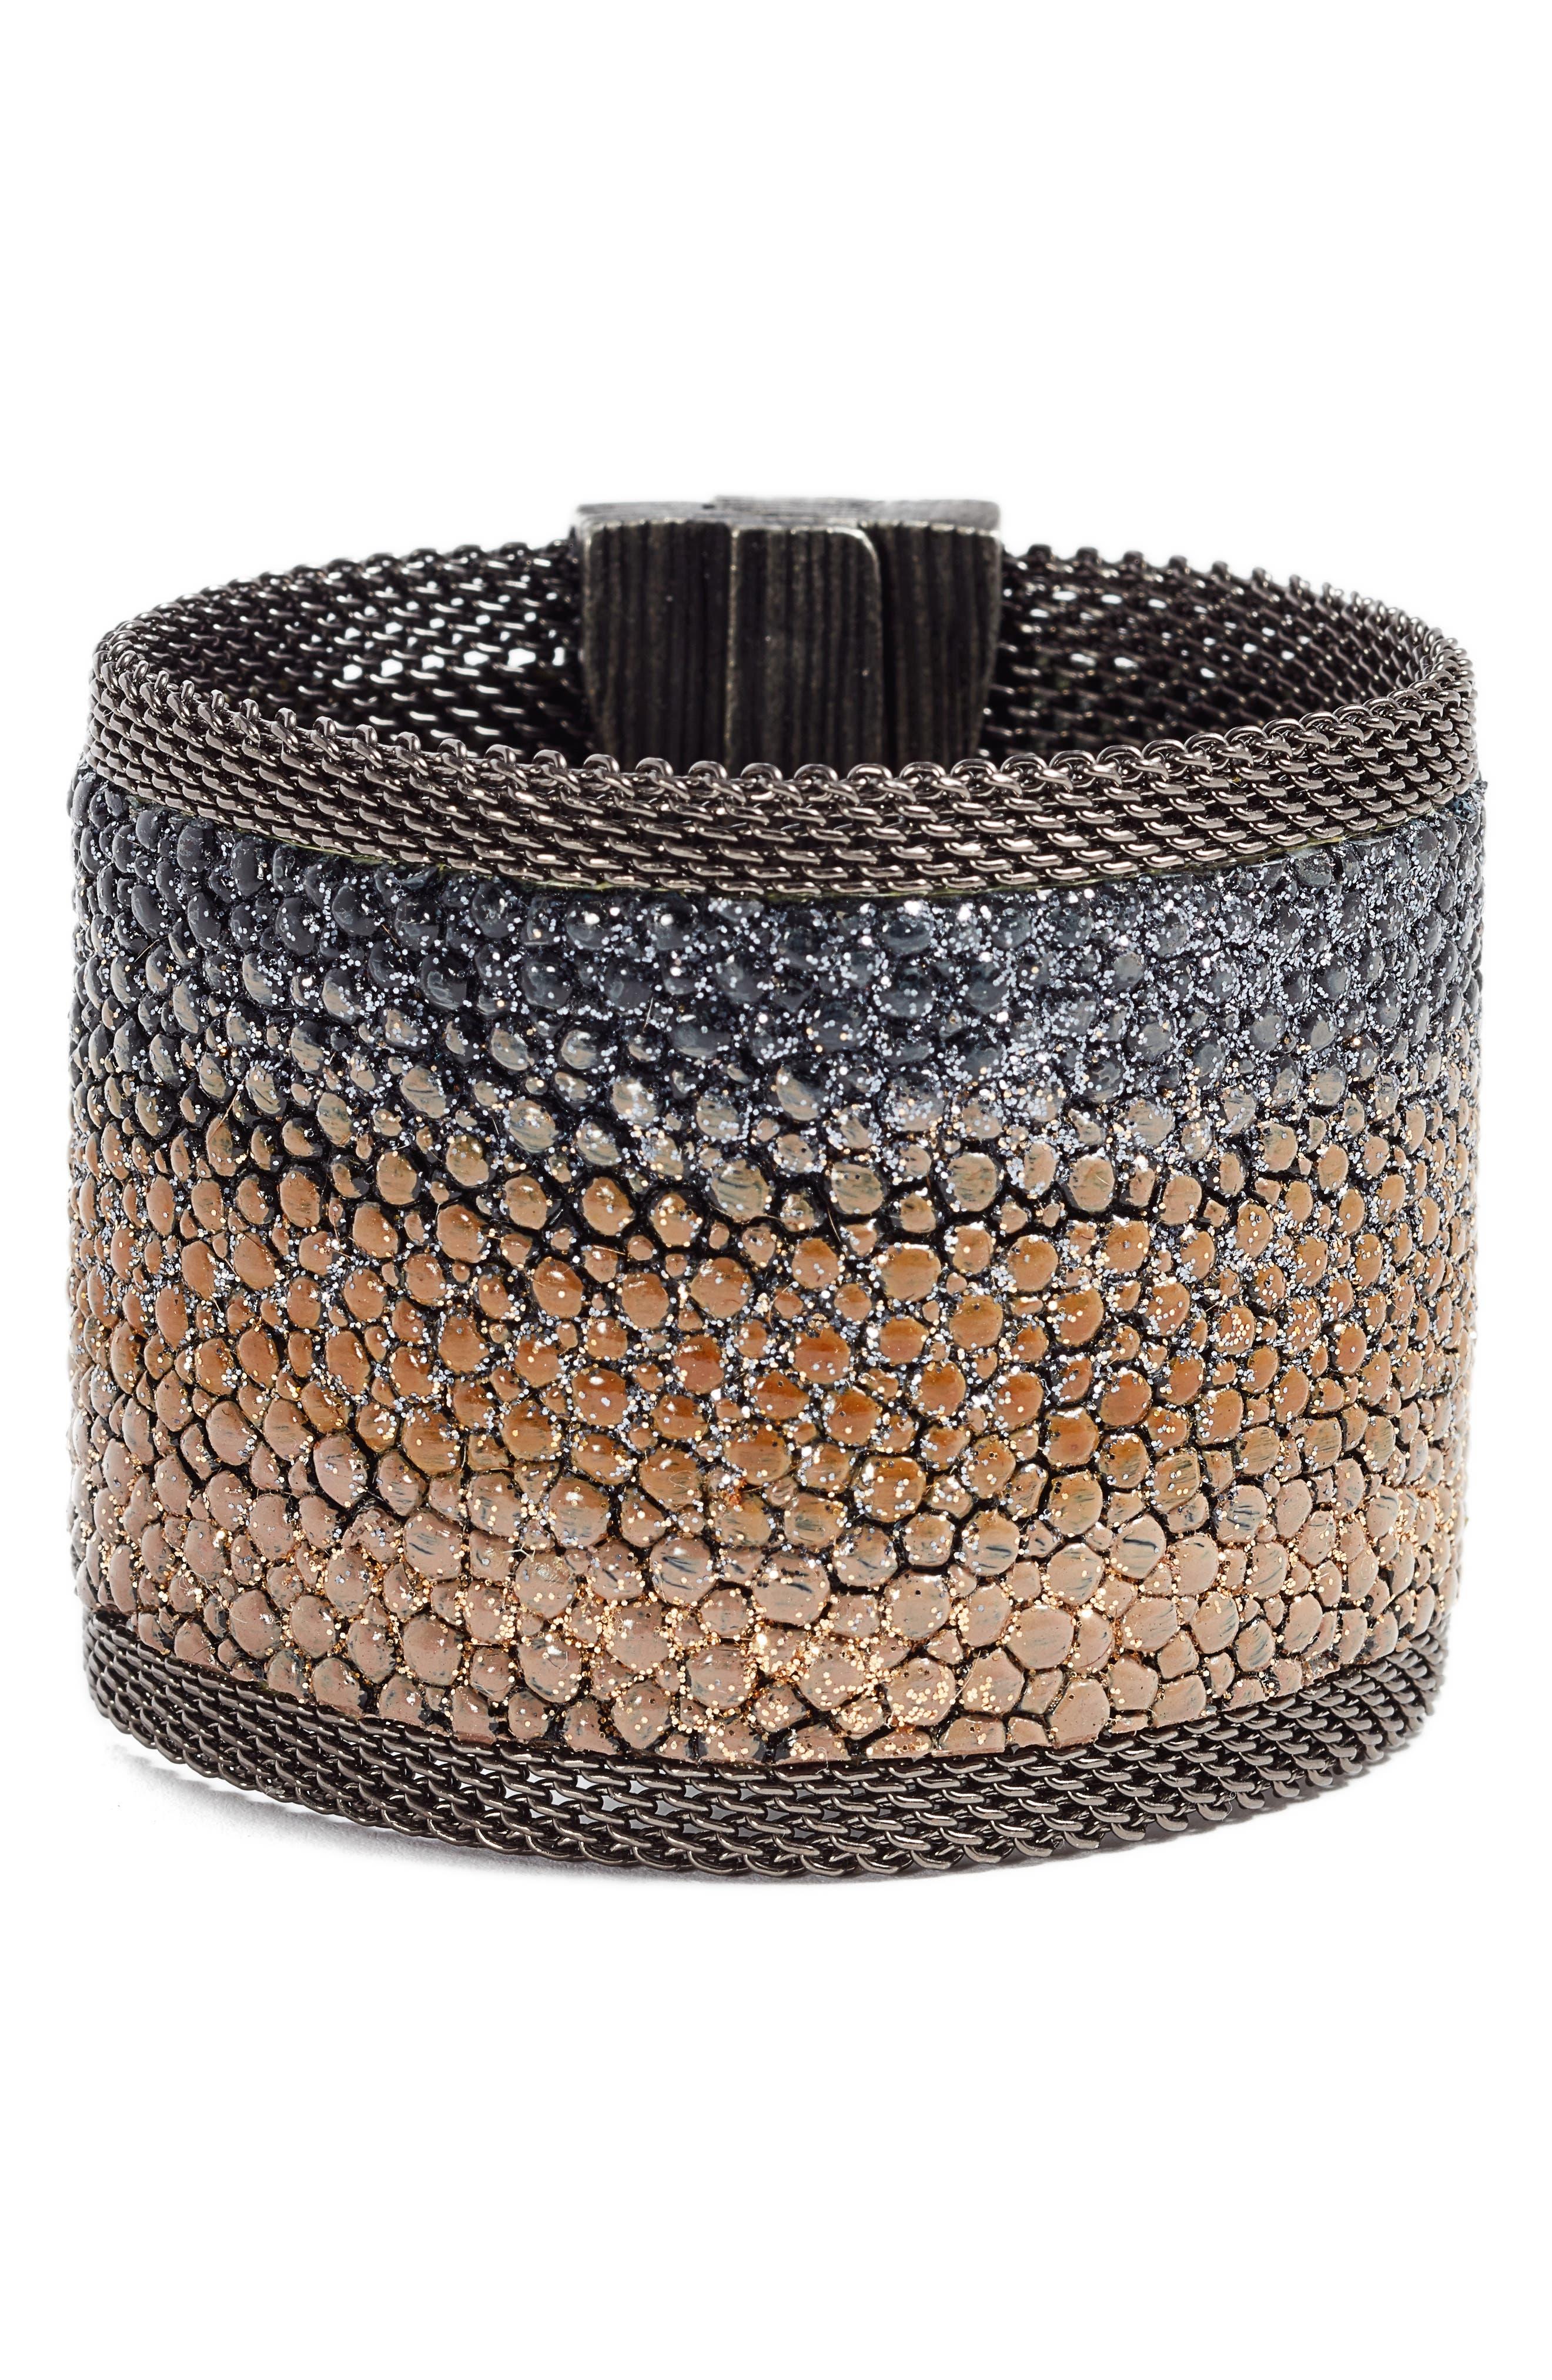 Shimmer Stingray Bracelet,                         Main,                         color, Black/ Beige/ Gold/ Gun Metal